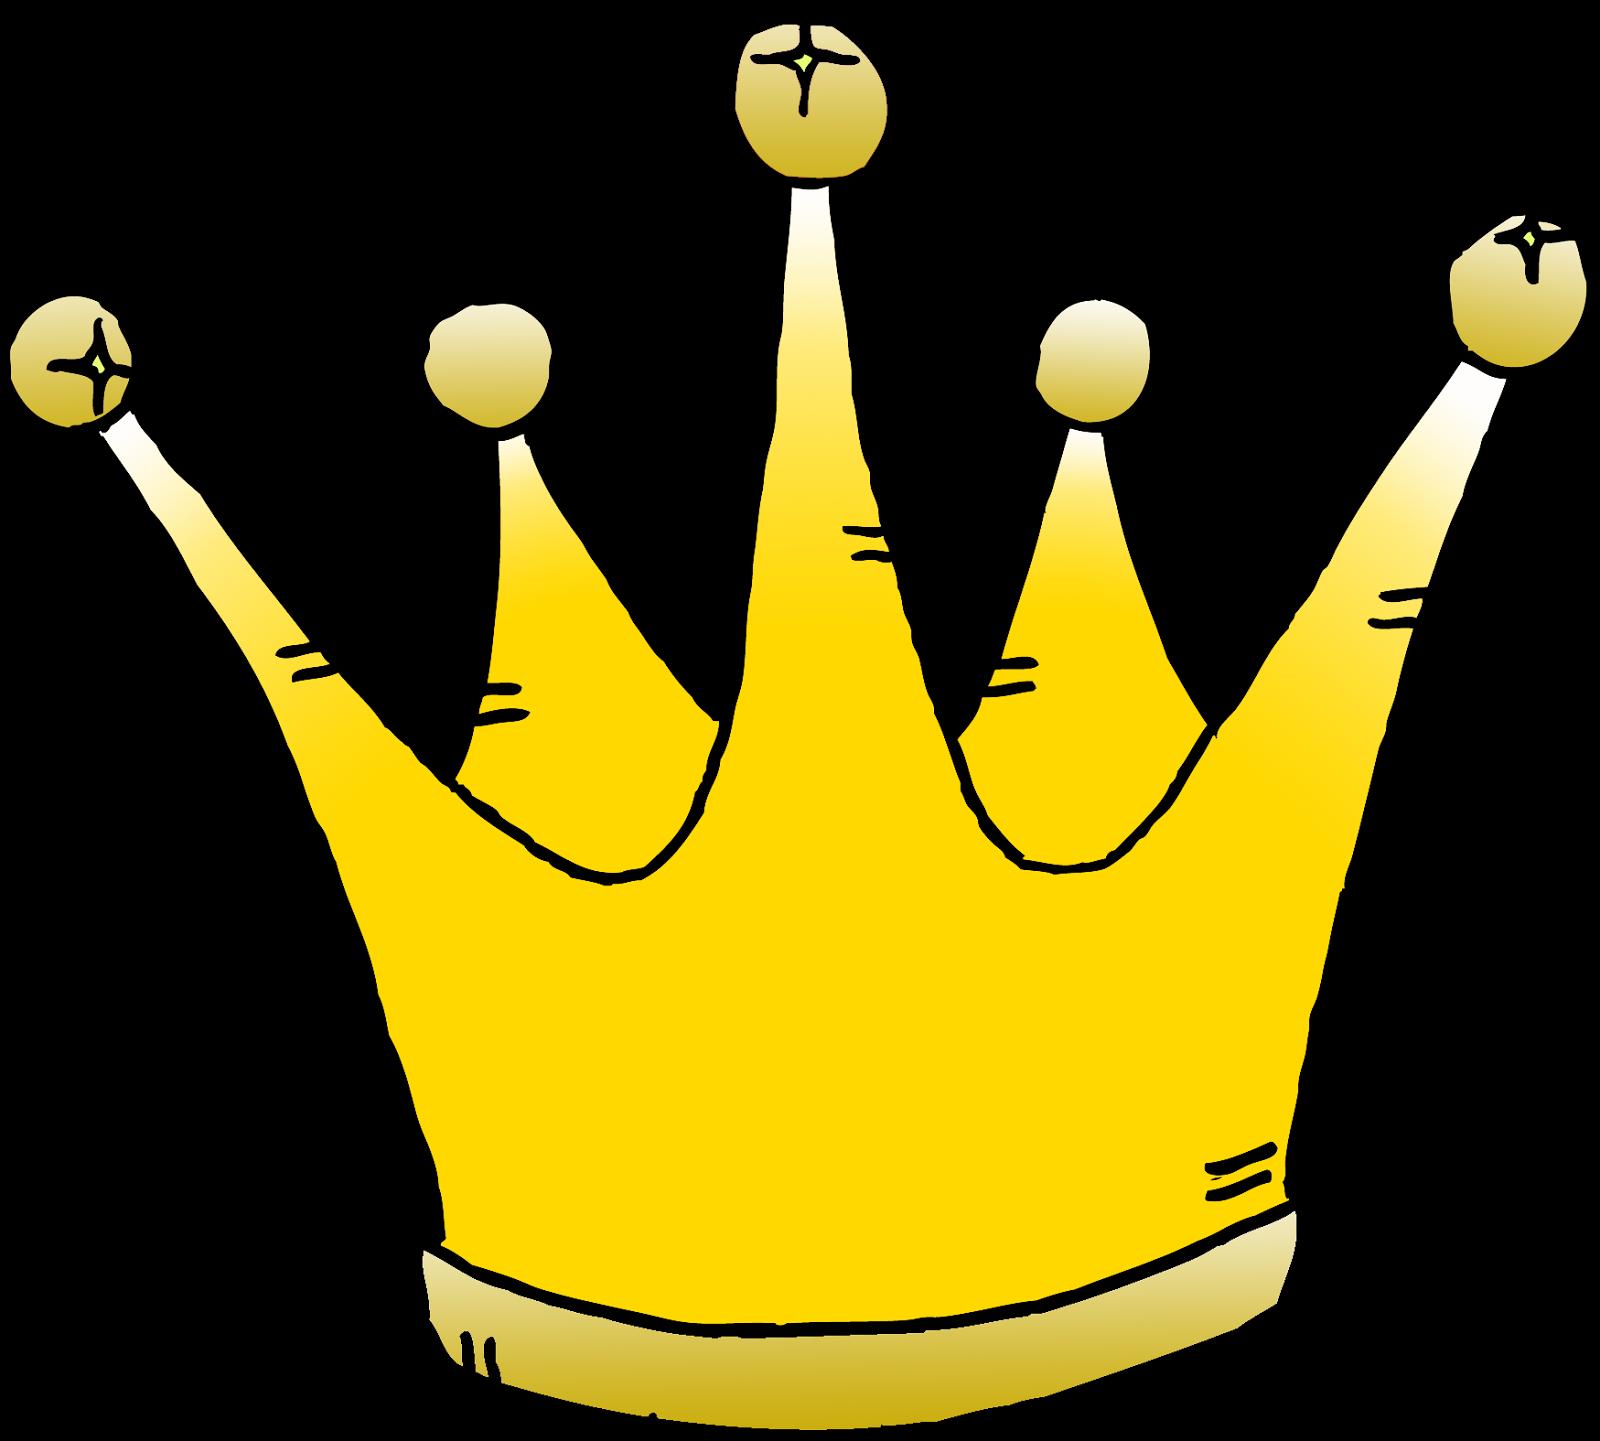 1600x1441 Crown Clipart Images 101 Clip Art